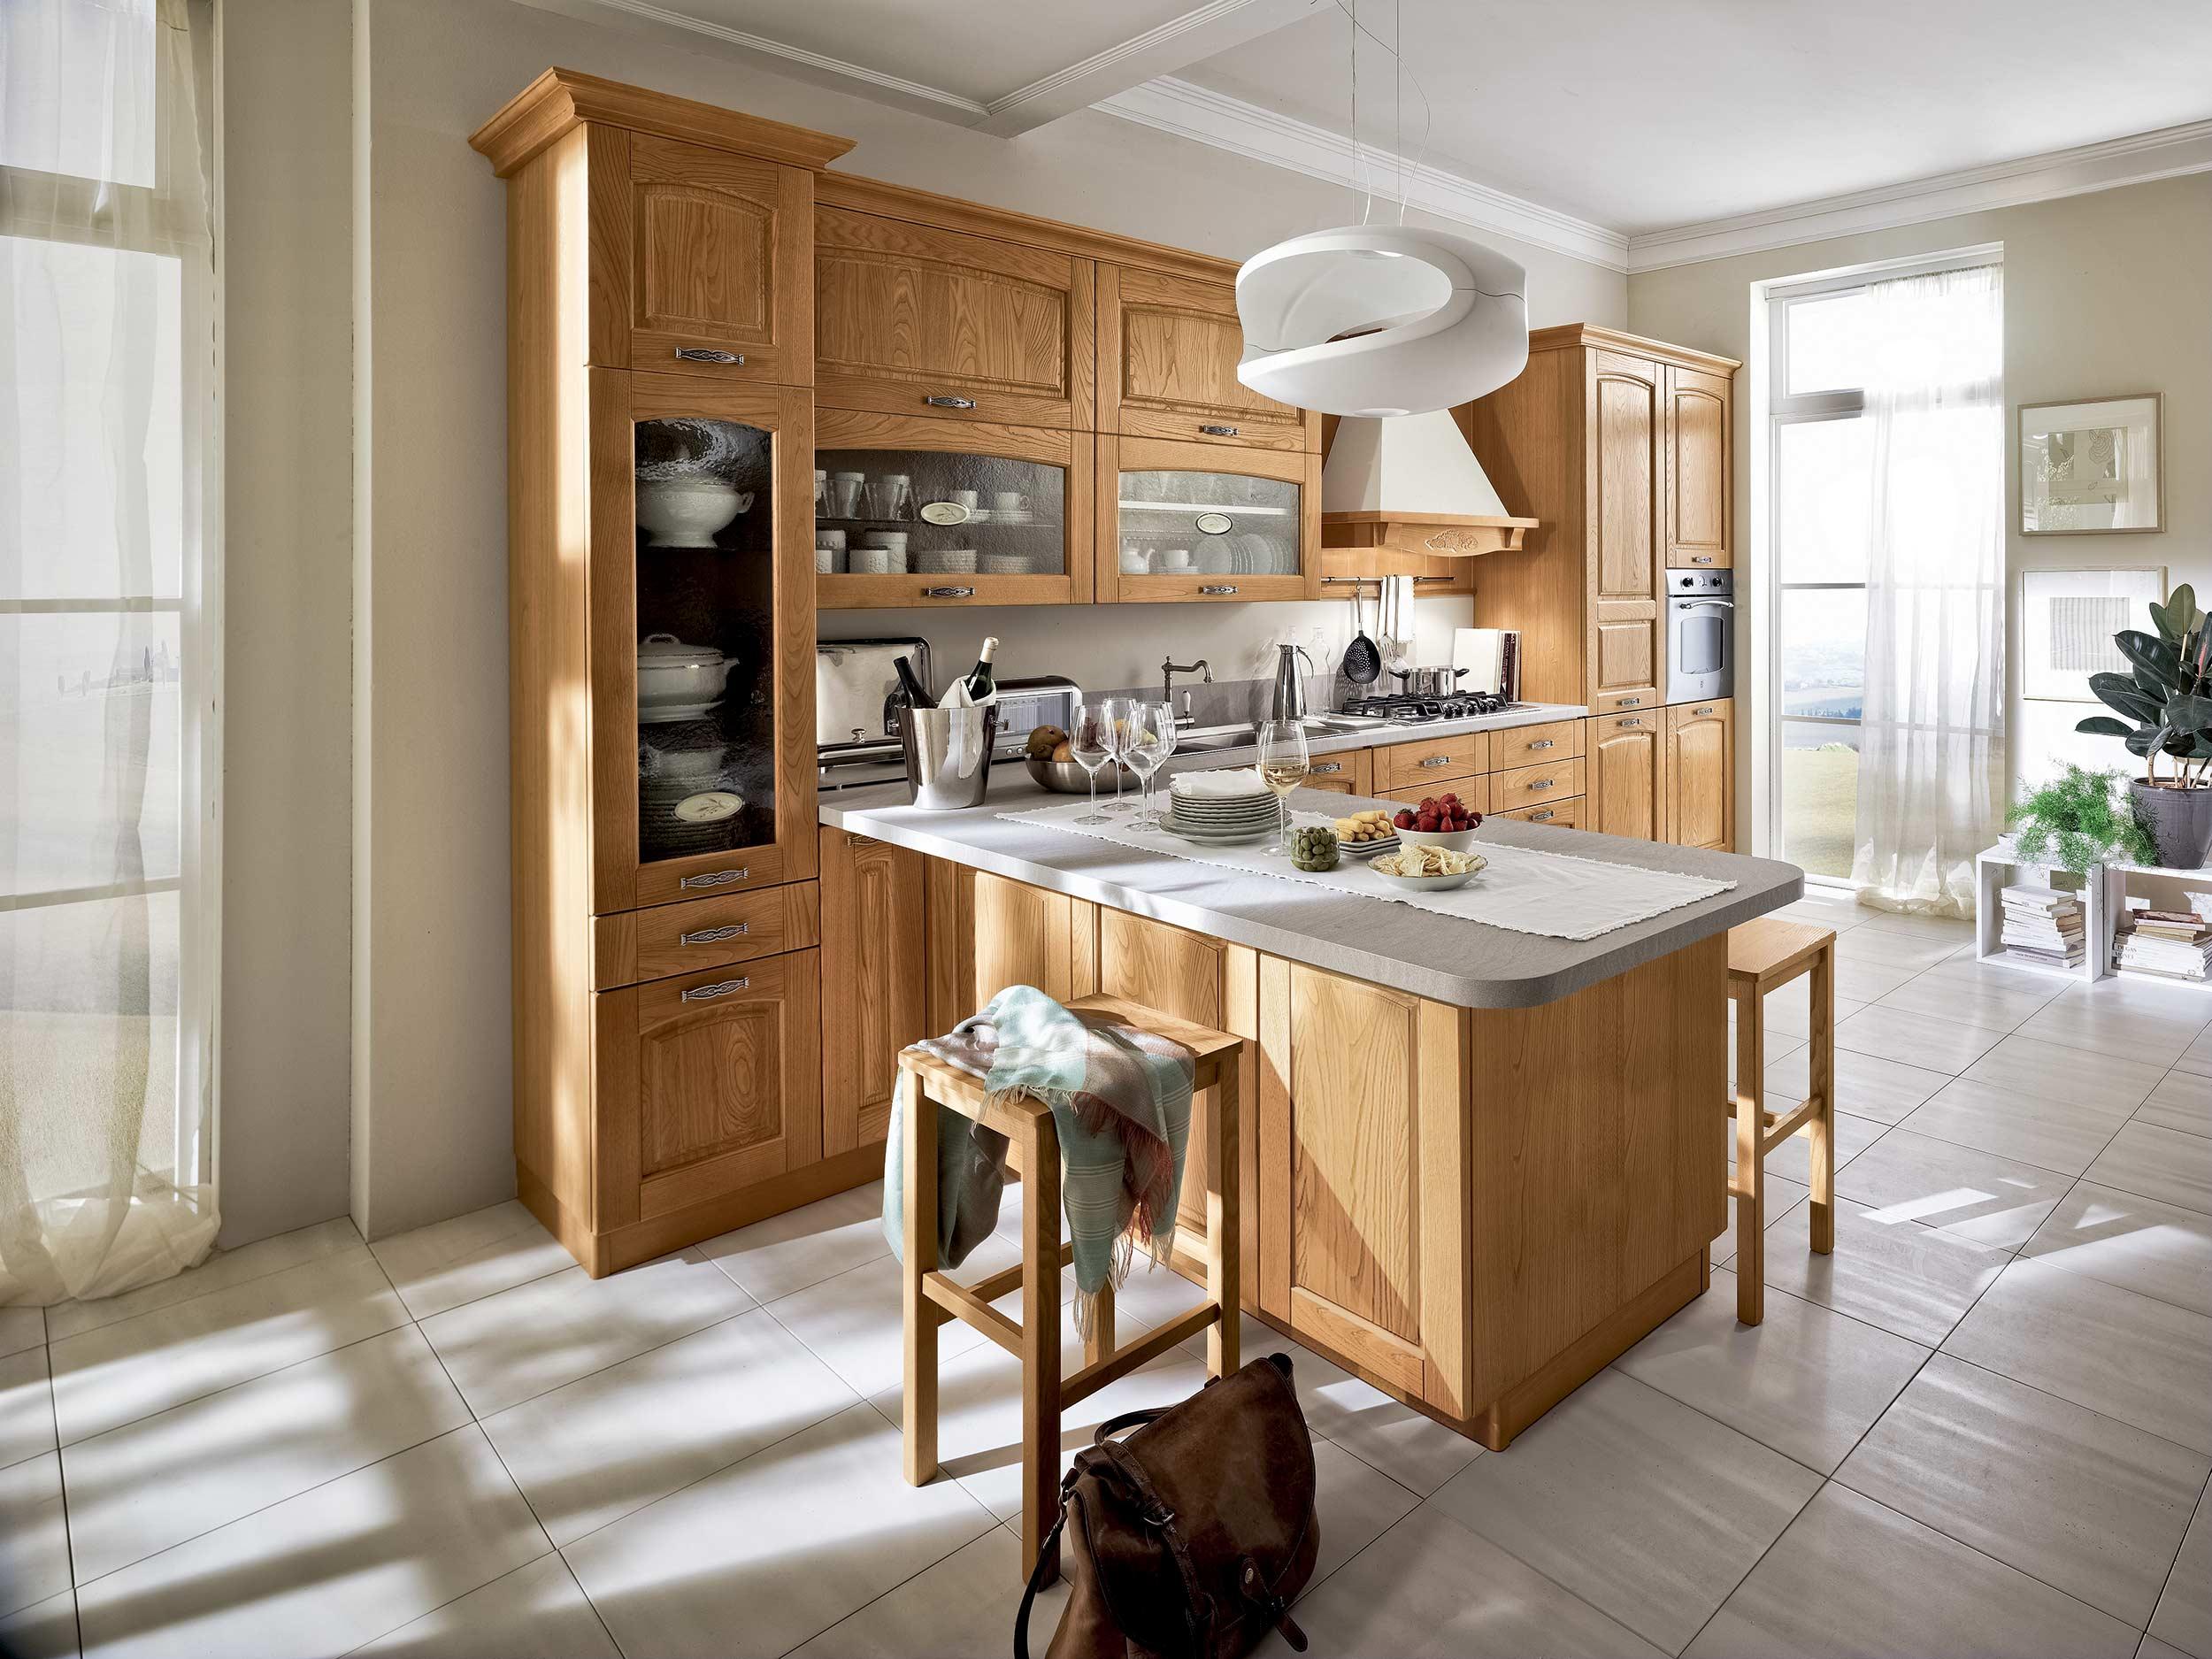 Cucine Classiche #6E4725 2500 1875 Arredamenti Di Cucine Classiche